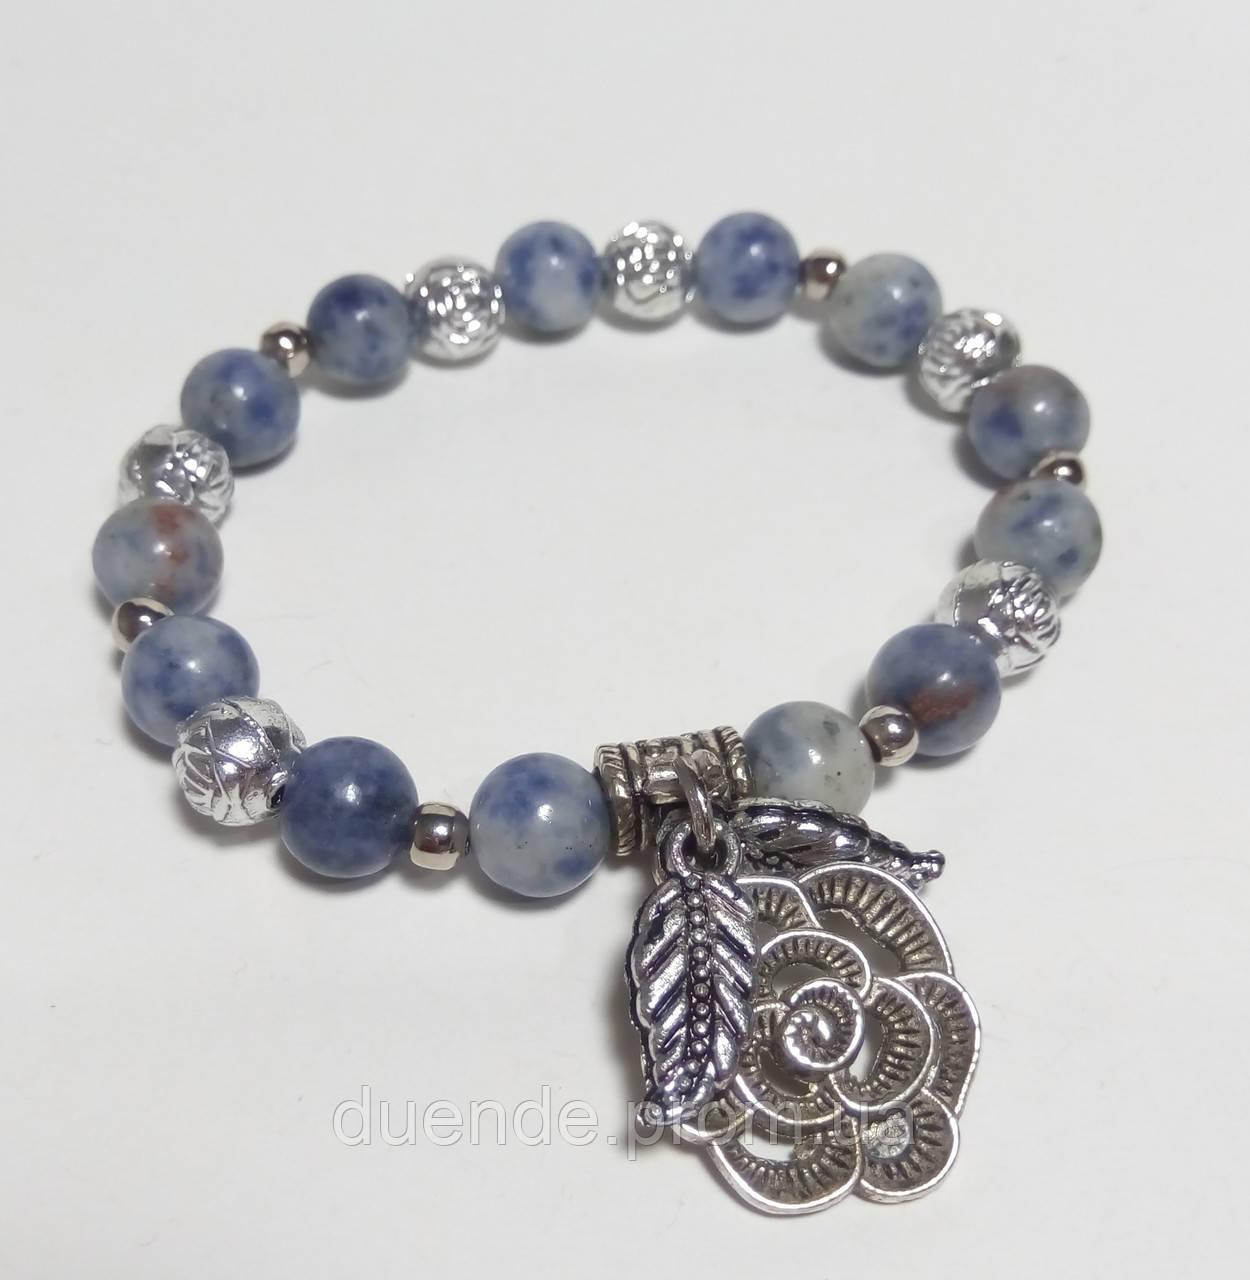 Браслет Лазуритовый натуральный камень, цвет синий и его оттенки, тм Satori \ Sb - 0064